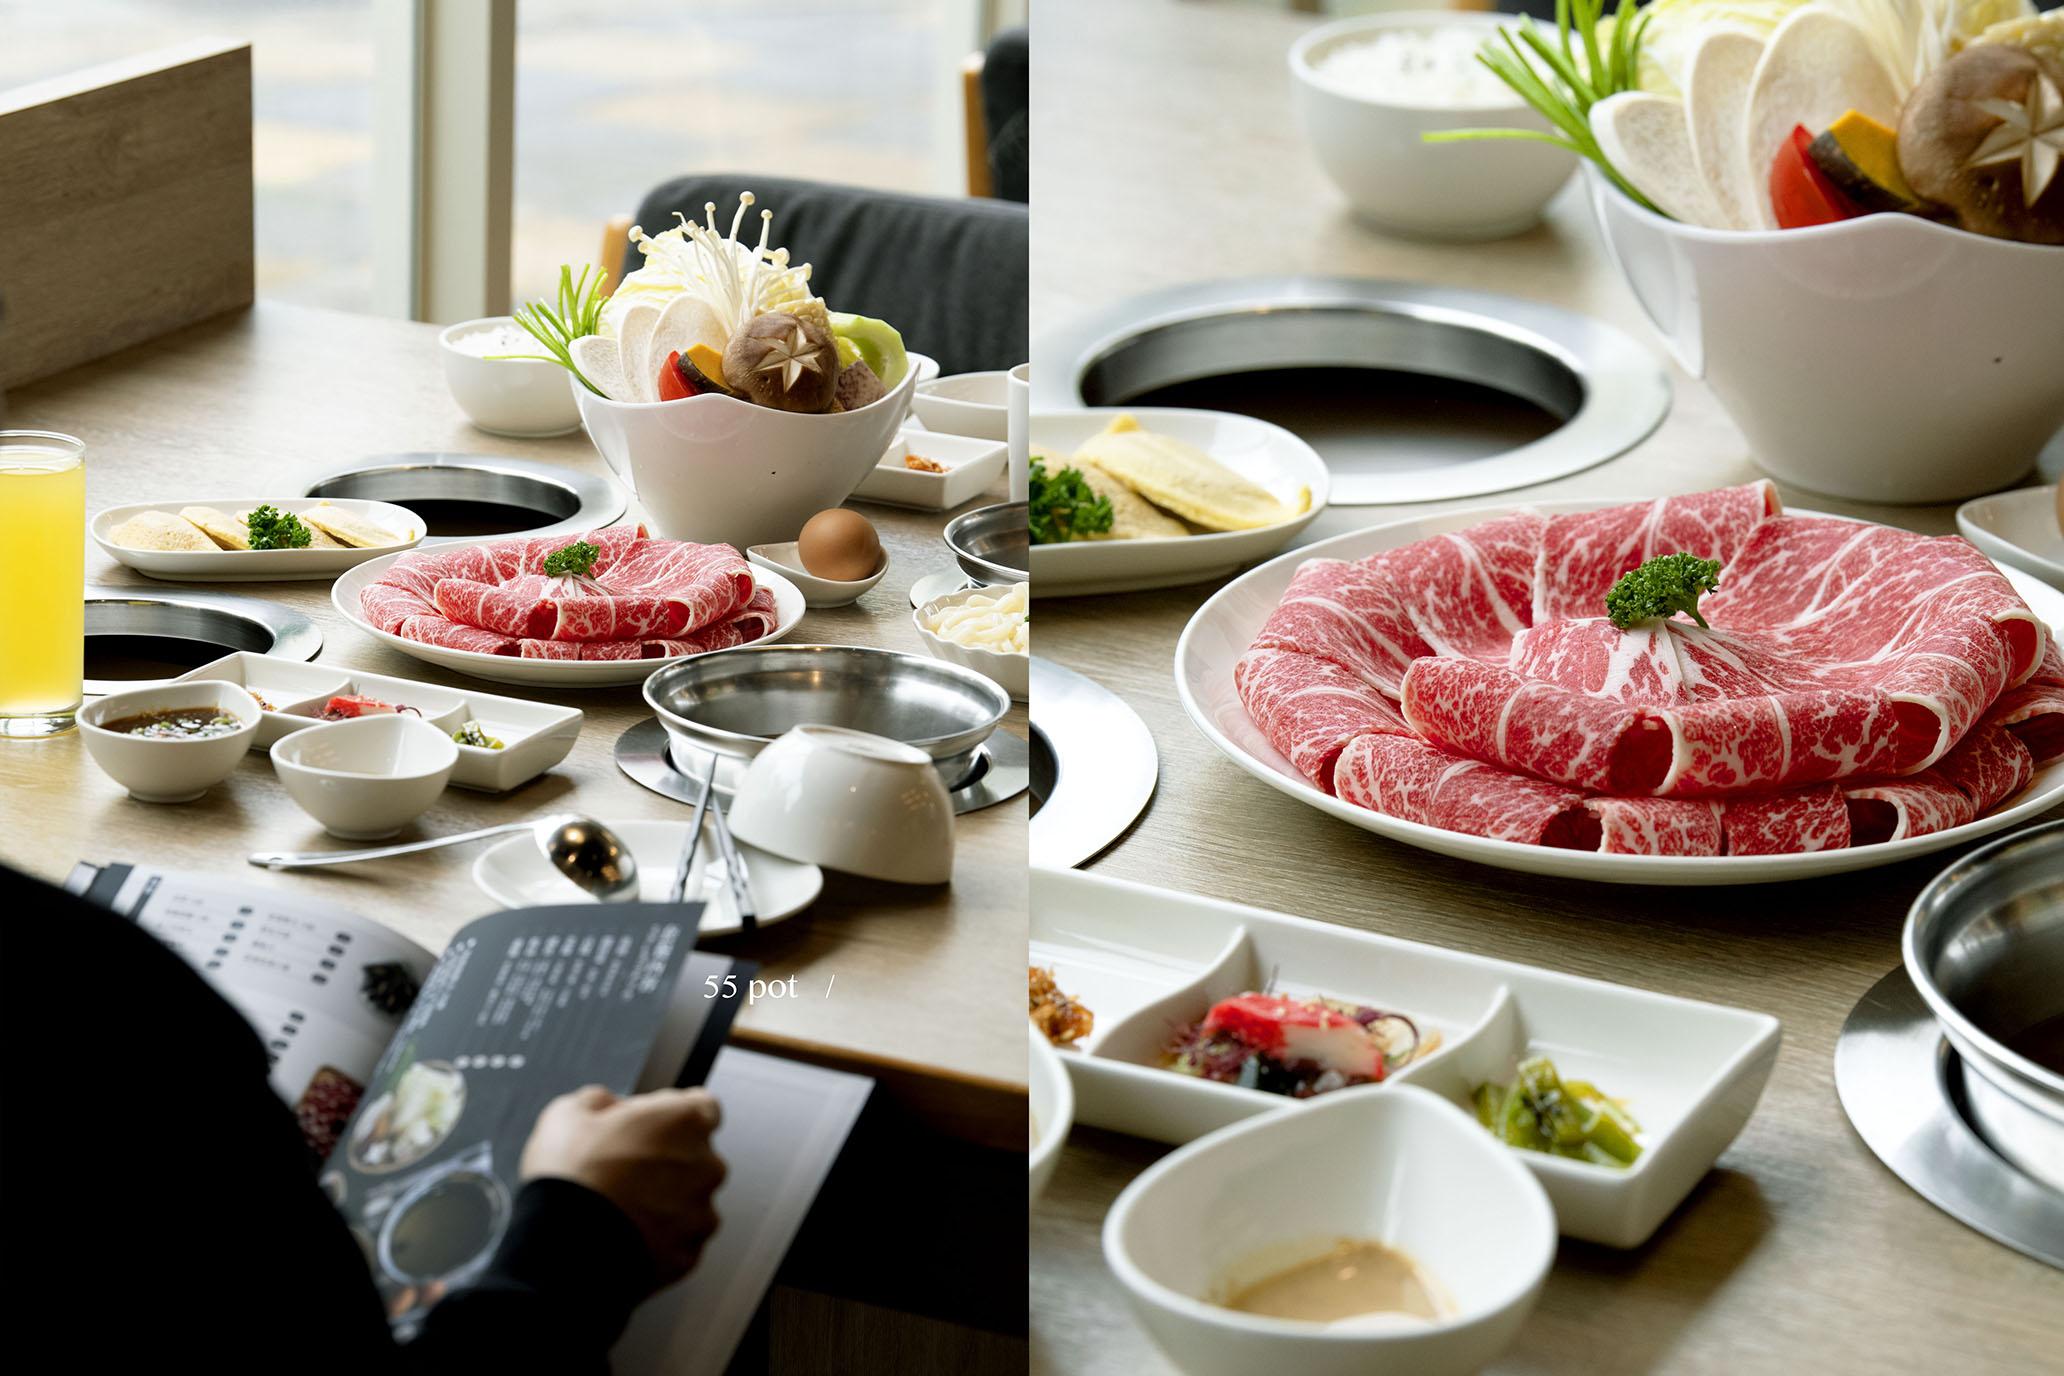 網站近期文章:桃園55pot精緻鍋物|清新氛圍,套餐式火鍋舒心合味。